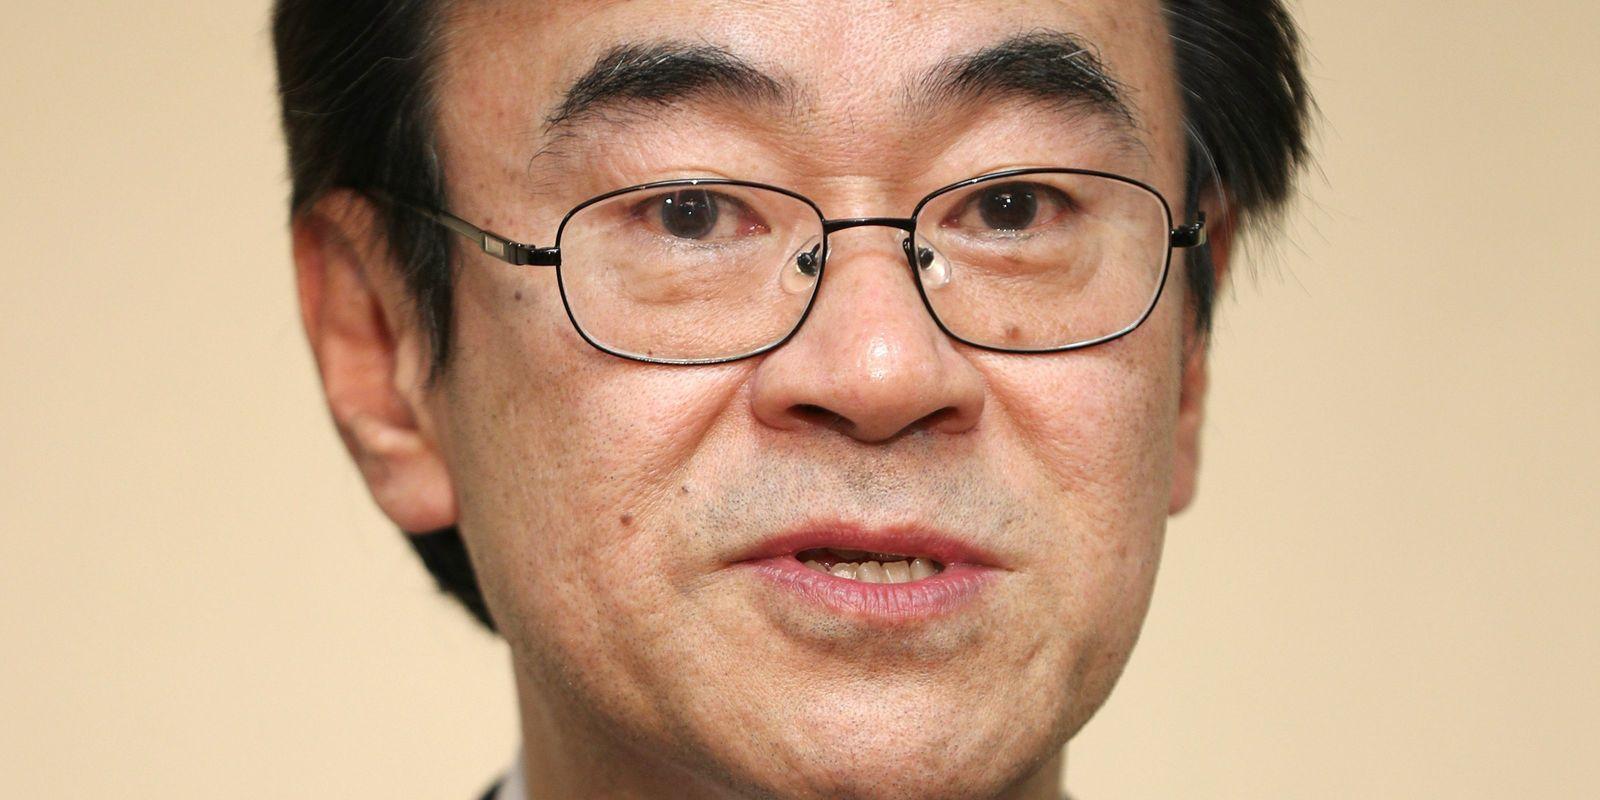 「賭けマージャン検事長」に7000万円超の退職金を支払うべきではない 辞任は認めず、懲戒免職とすべきだ